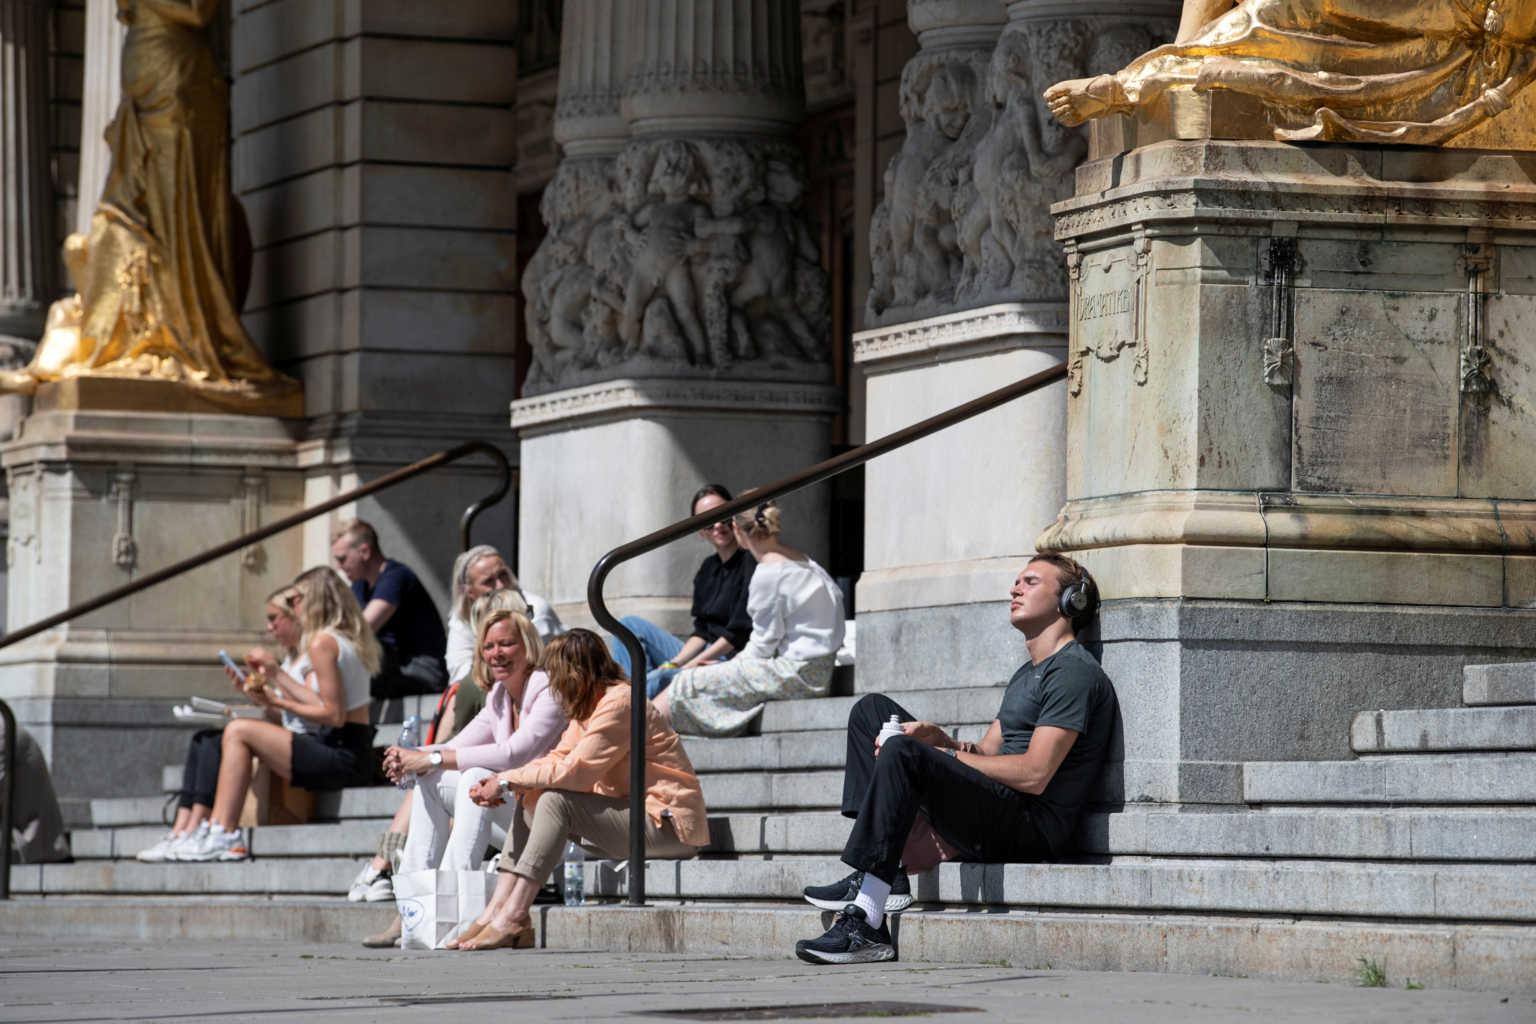 Ελεύθερη διακίνηση για τους πολίτες της ζητά η Σουηδία μετά το άνοιγμα των συνόρων